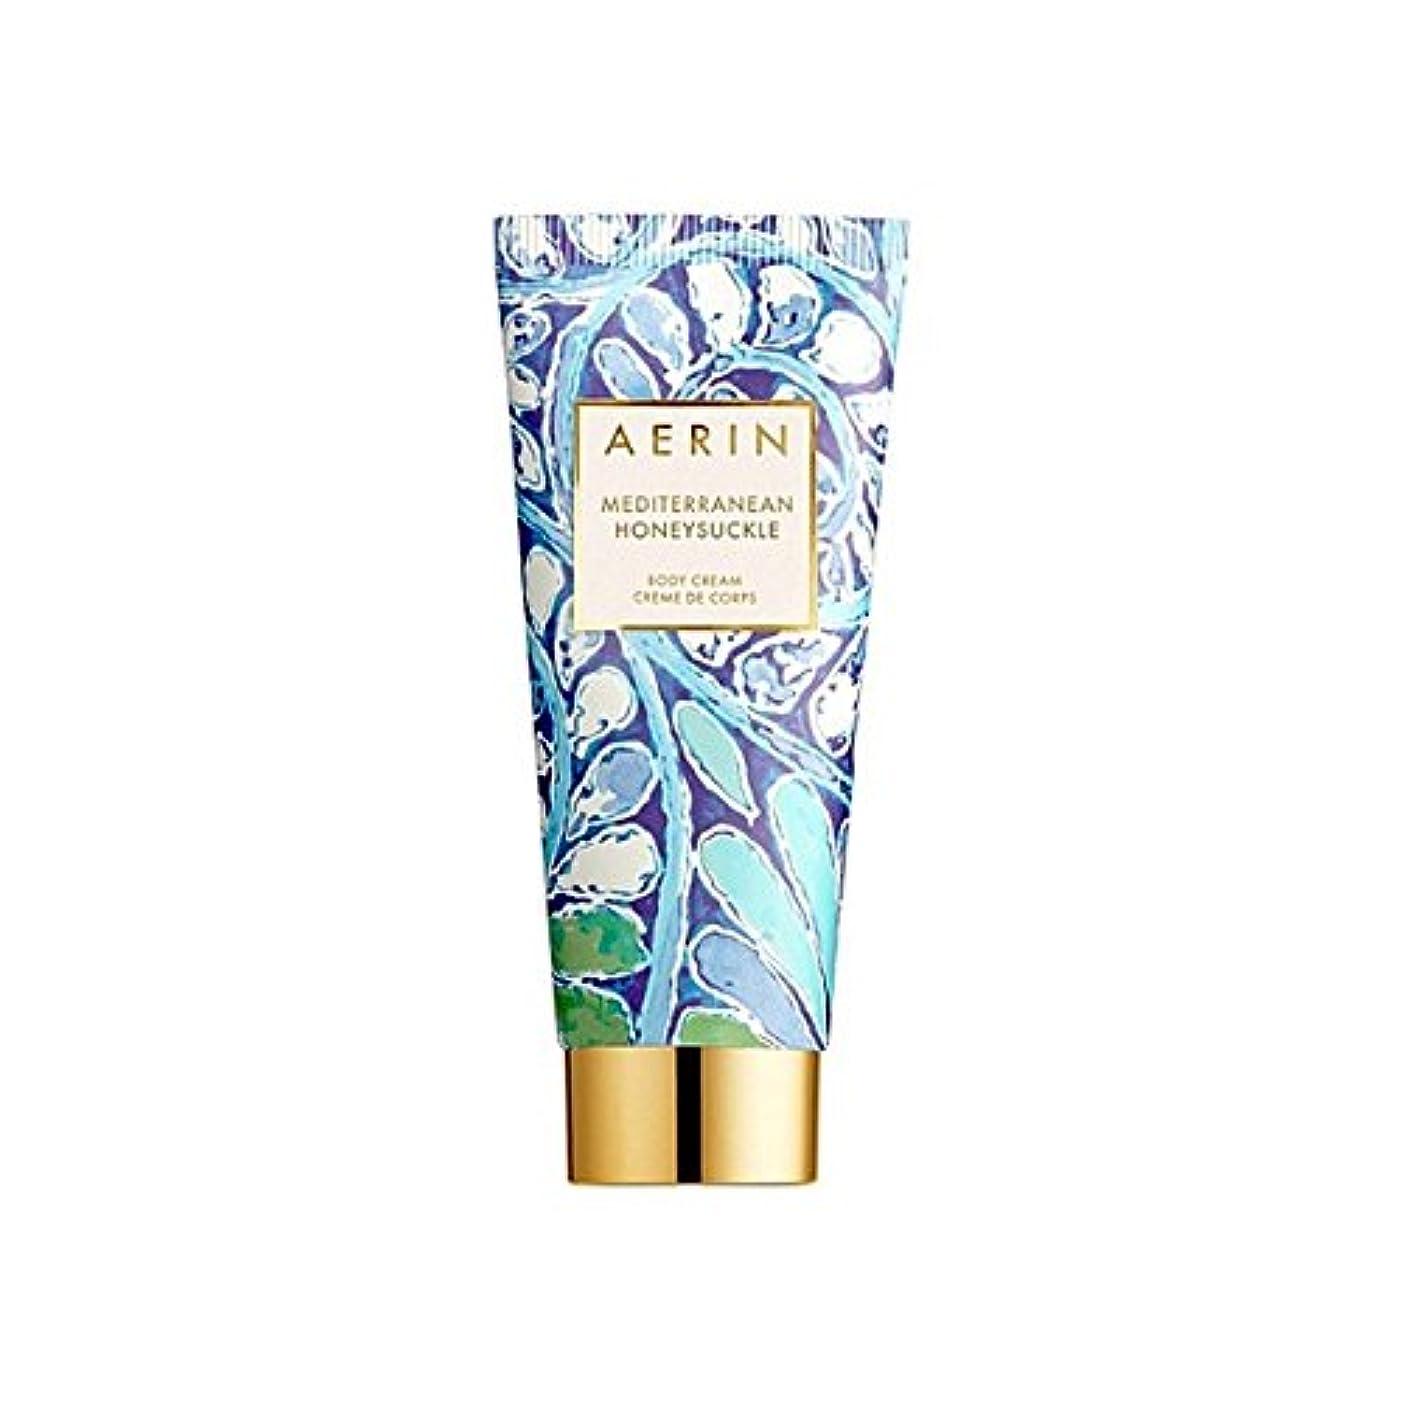 アルバム印象的繰り返したスイカズラボディクリーム150ミリリットル x2 - Aerin Mediterrenean Honeysuckle Body Cream 150ml (Pack of 2) [並行輸入品]